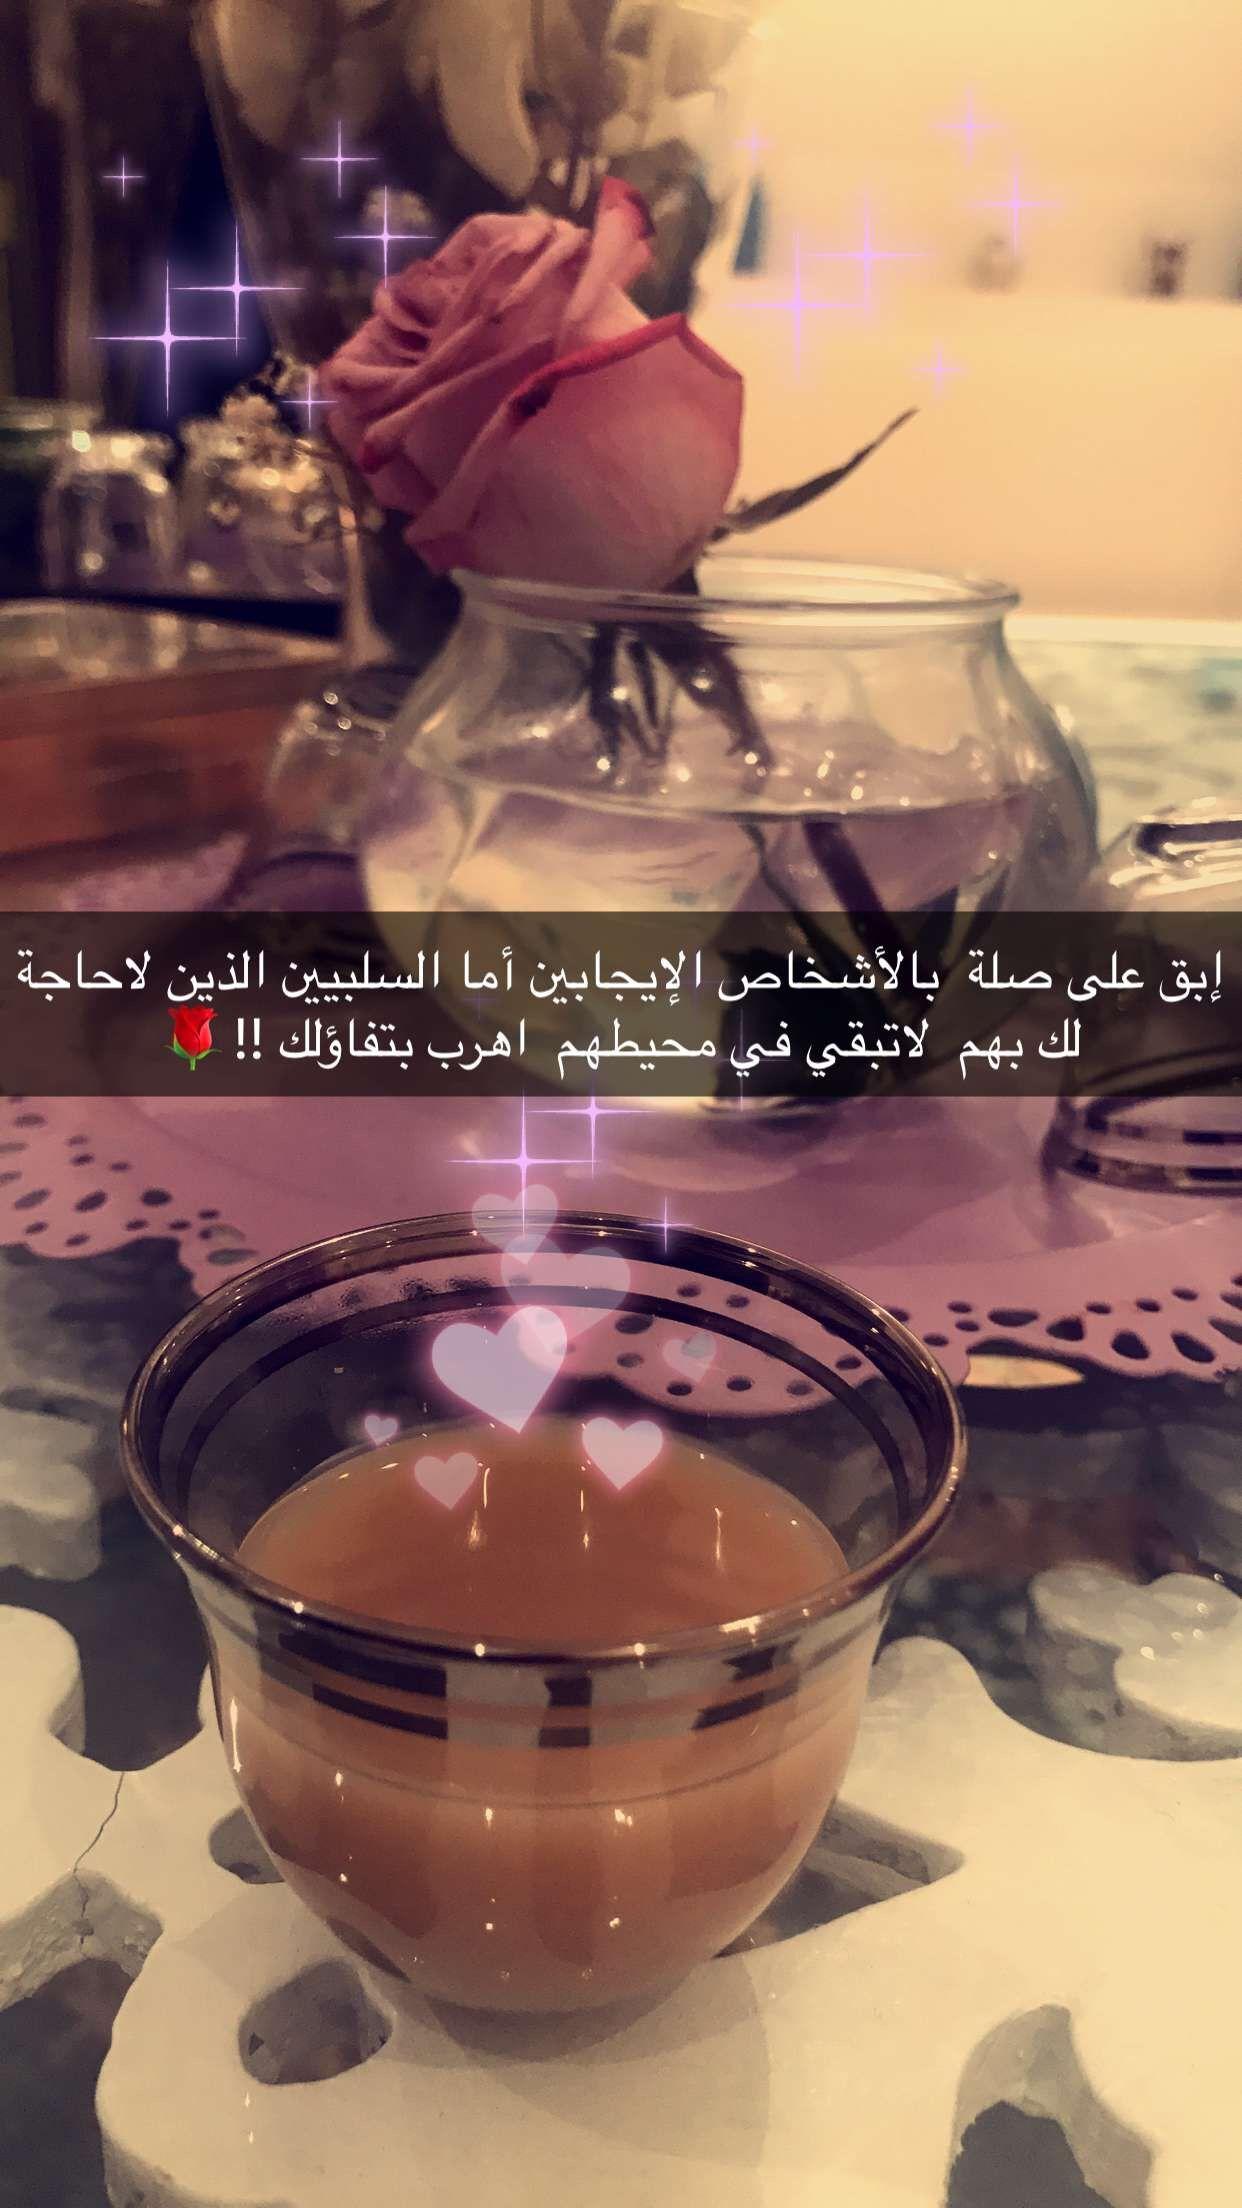 عبارات سناب Funny Arabic Quotes Arabic Quotes Quotations